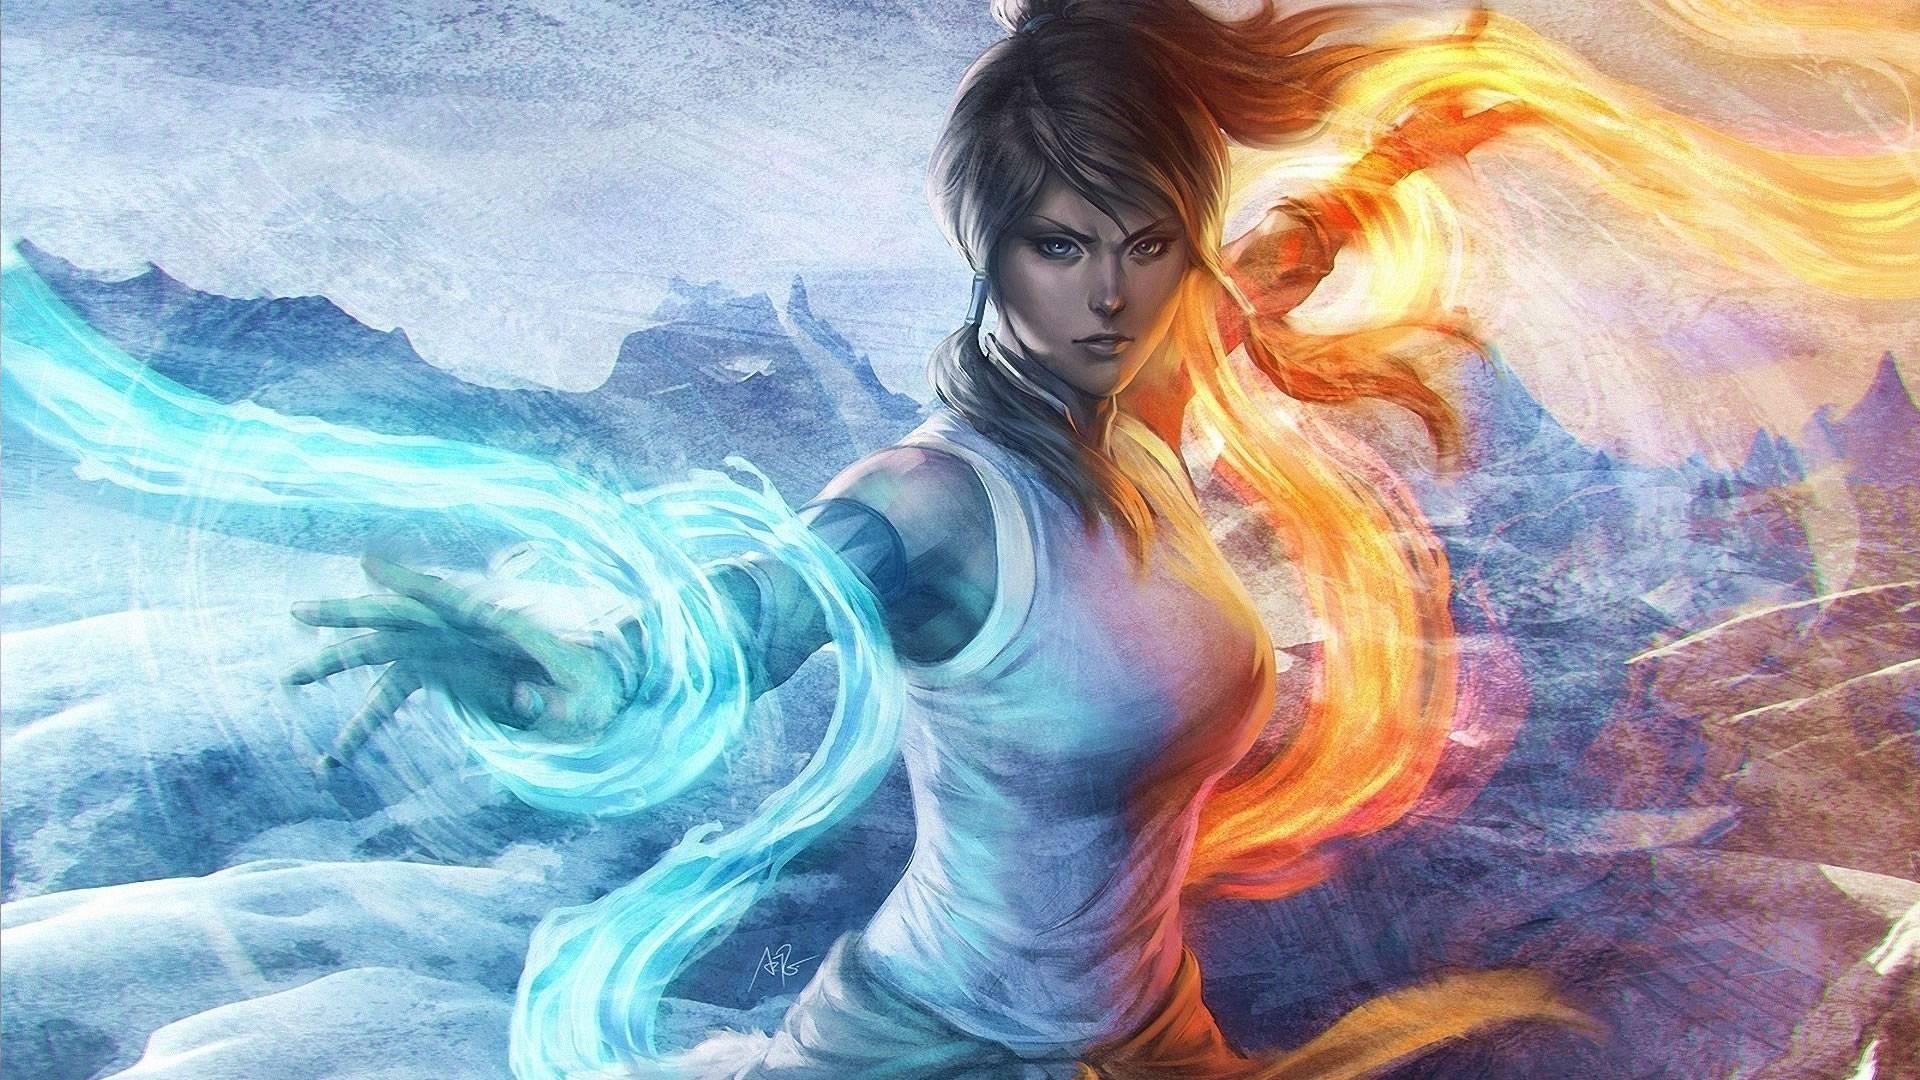 The Legend Of Korra Background